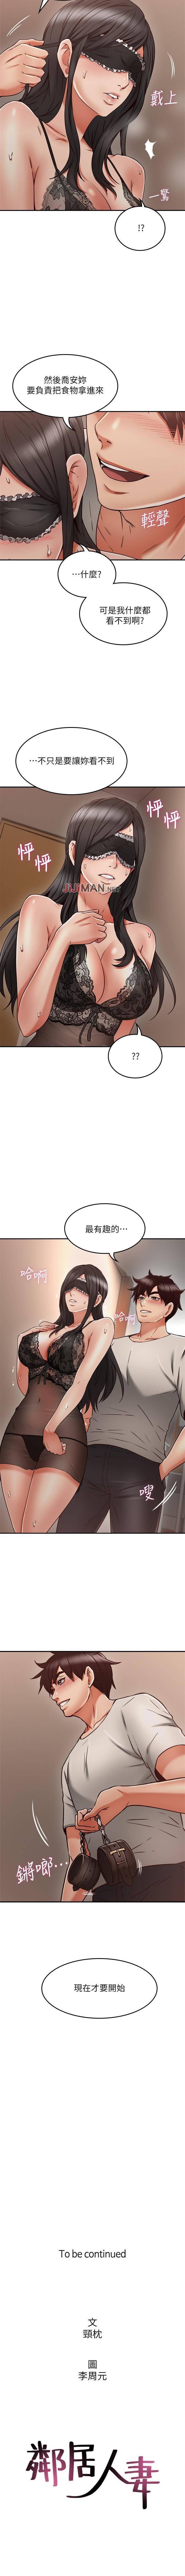 【周六更新】邻居人妻(作者:李周元 & 頸枕) 第1~50话 240